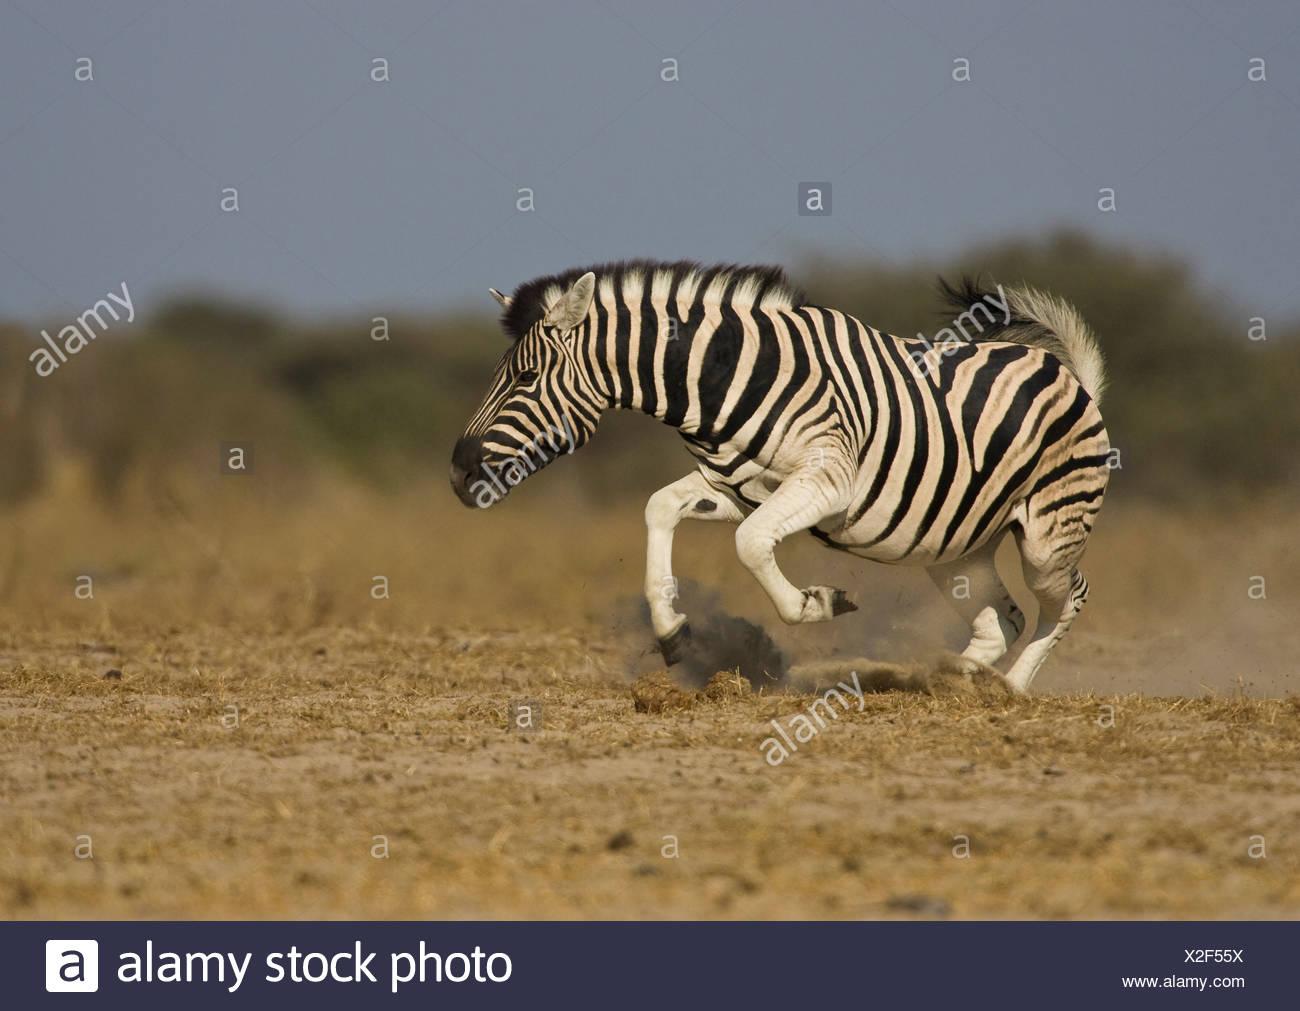 Zebra displaying, Etosha National Park, Namibia. - Stock Image